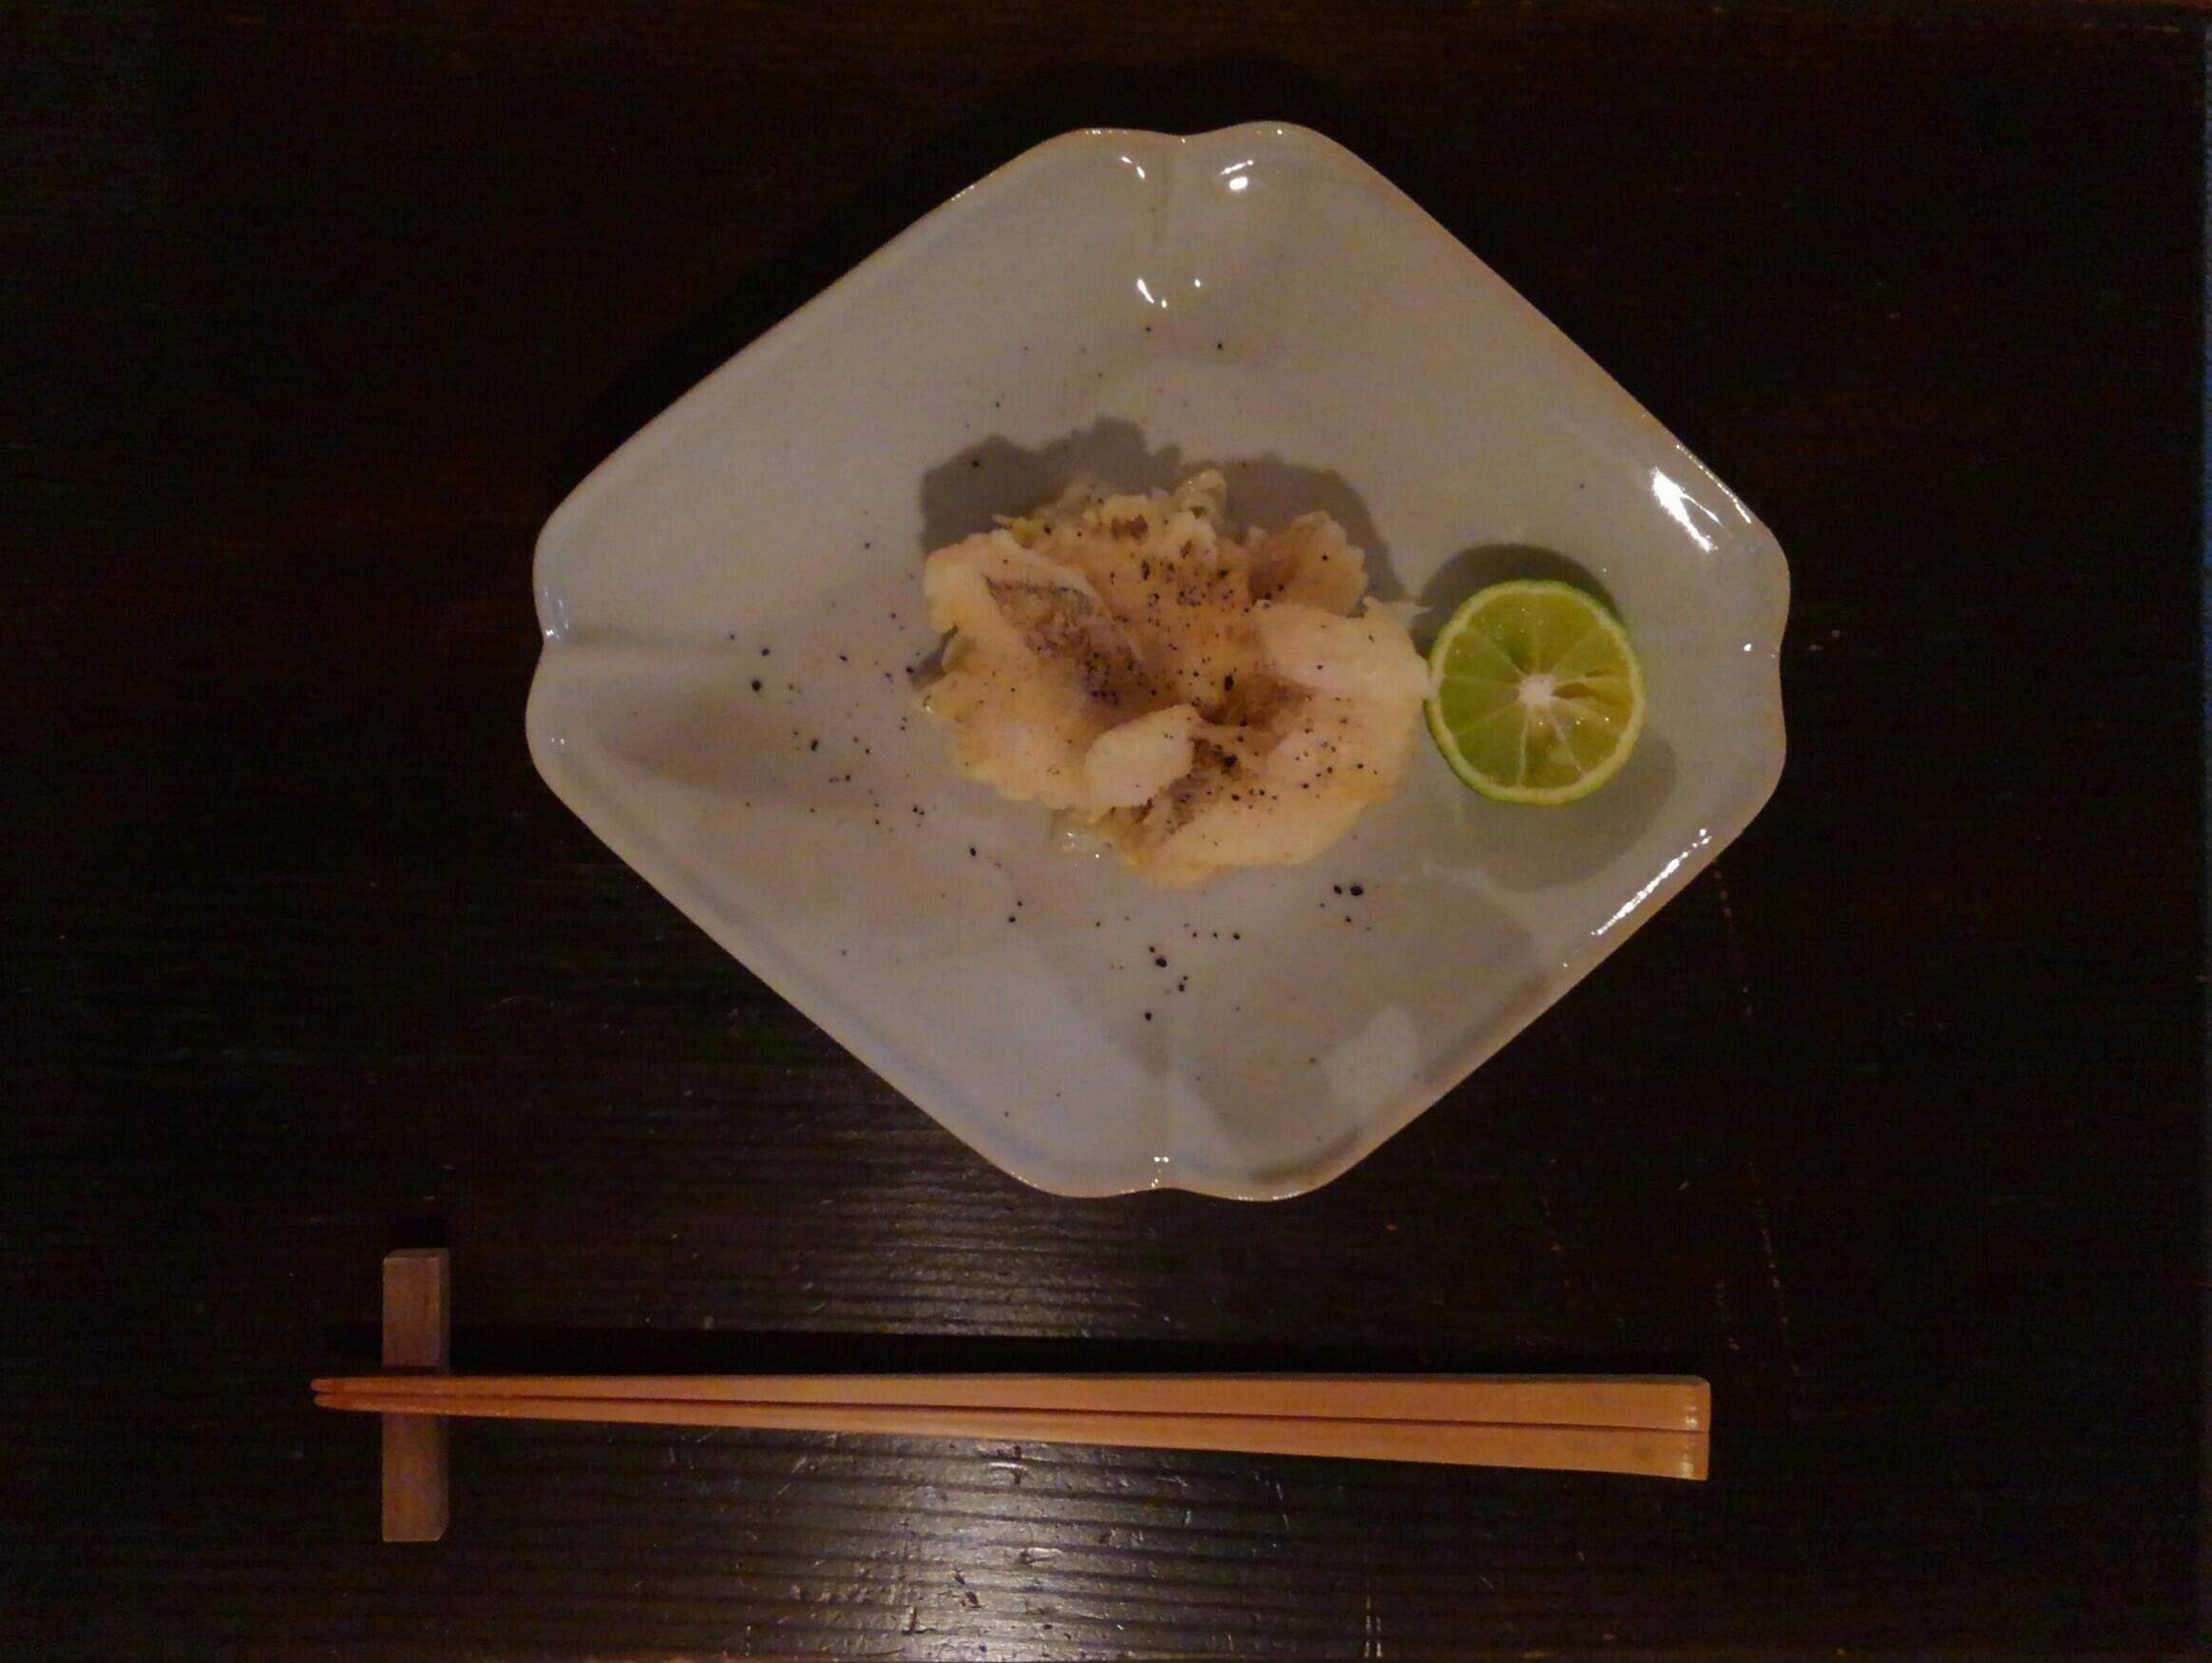 晩秋の八ヶ岳南麓+松本の旅路4 tadokorogaro+日本料理温石 編_f0351305_00361112.jpg